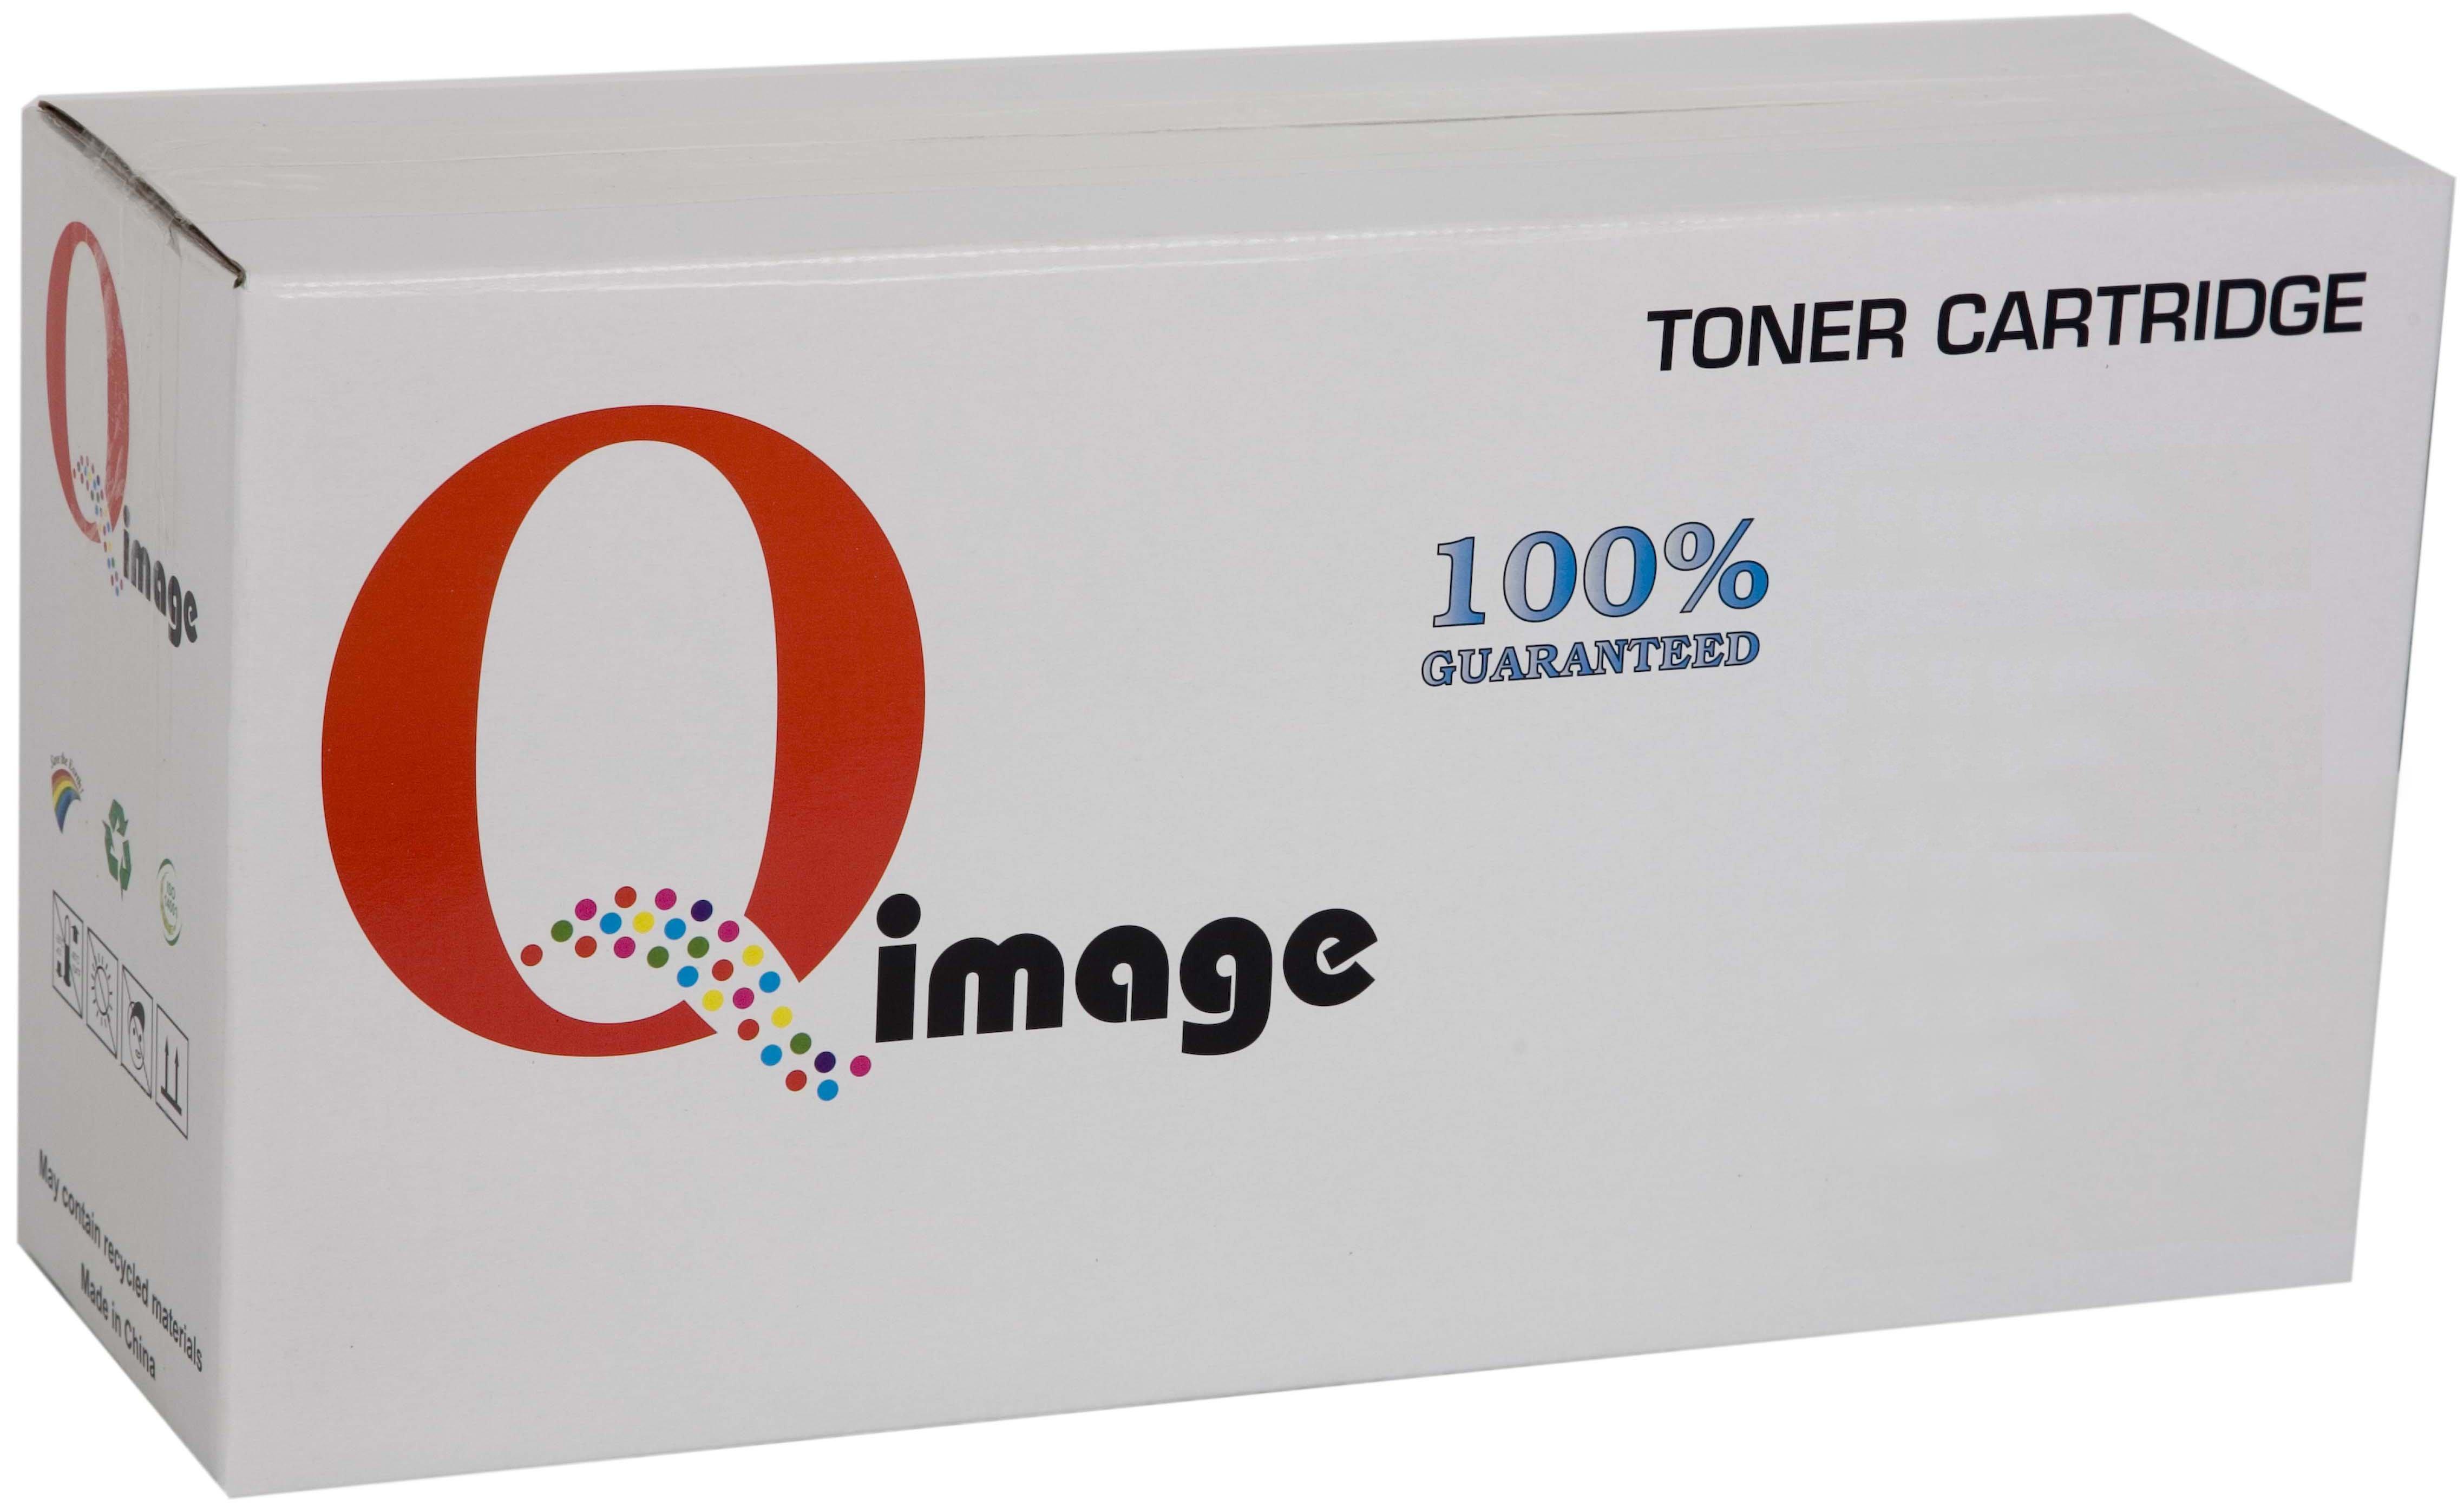 Q-Image Compatible E360H11P-QIMAGE Black Toner cartridge